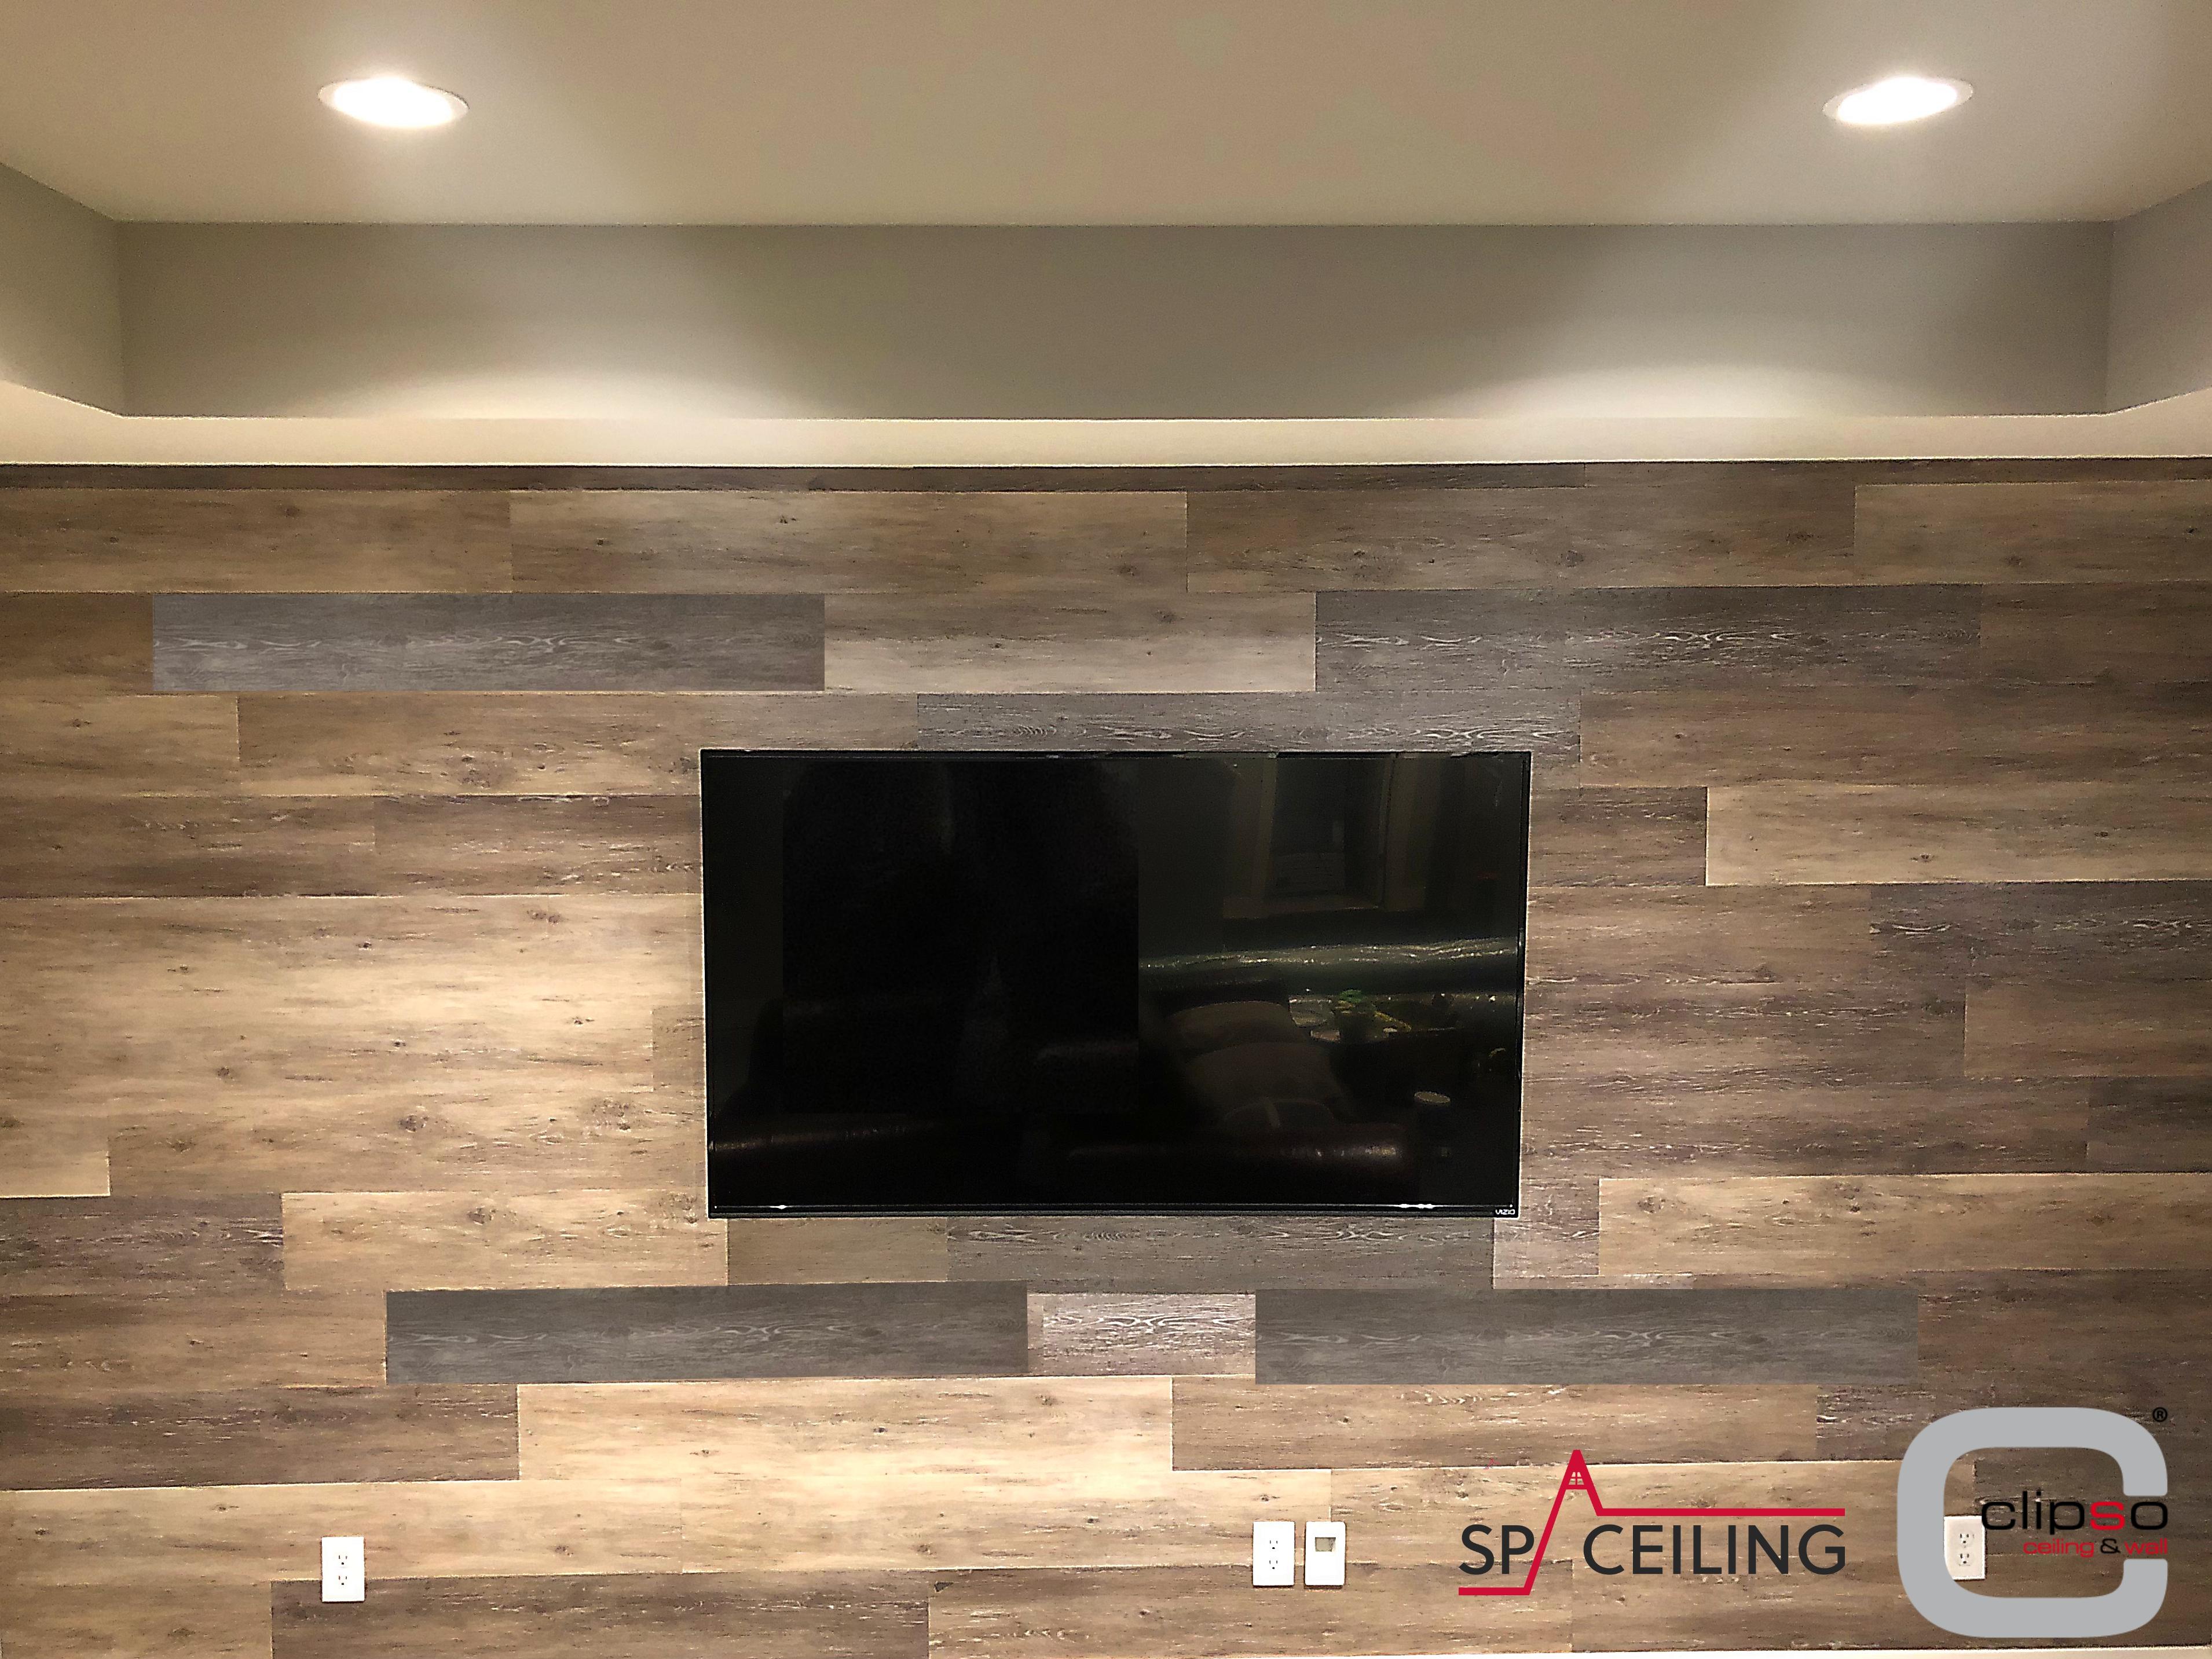 Stretch Ceiling wall